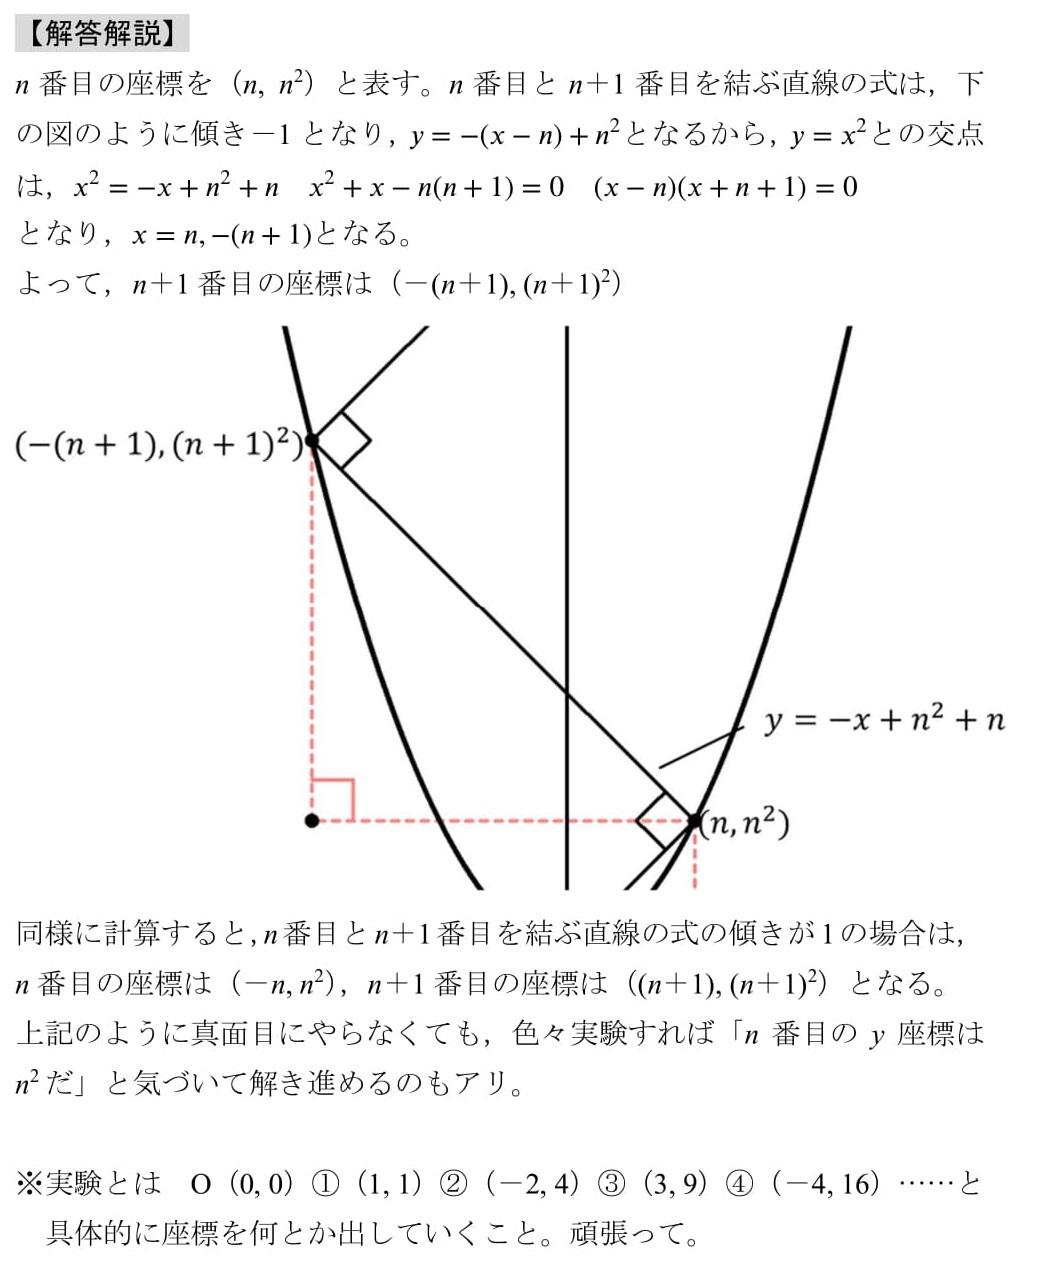 2011 筑駒 高校入試 関数 規則性 解答 解説